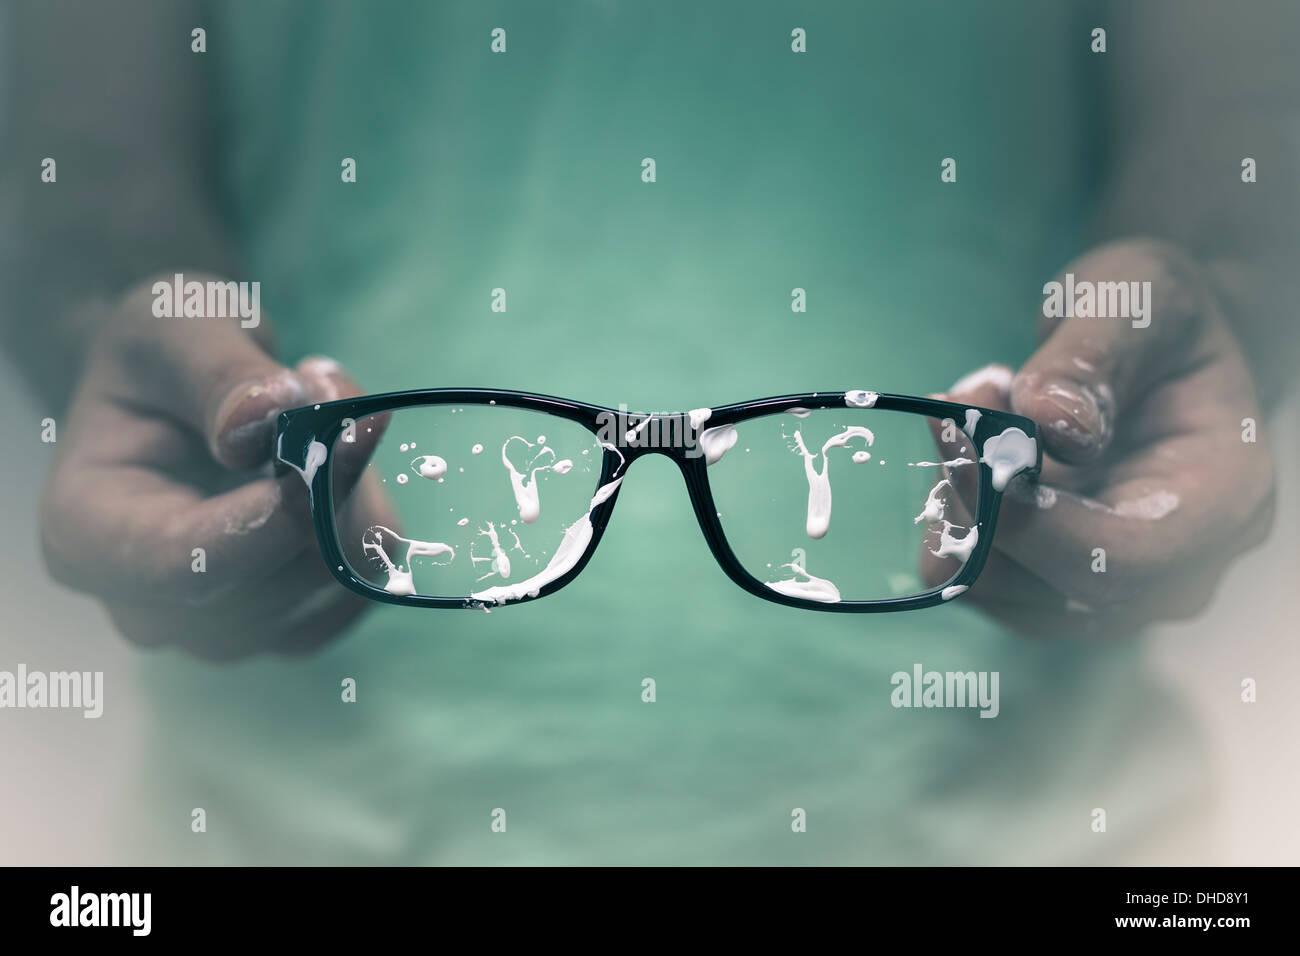 Concepto de visión creativa. Primer plano del hombre creativo mostrando su manchada de lentes. Imagen De Stock